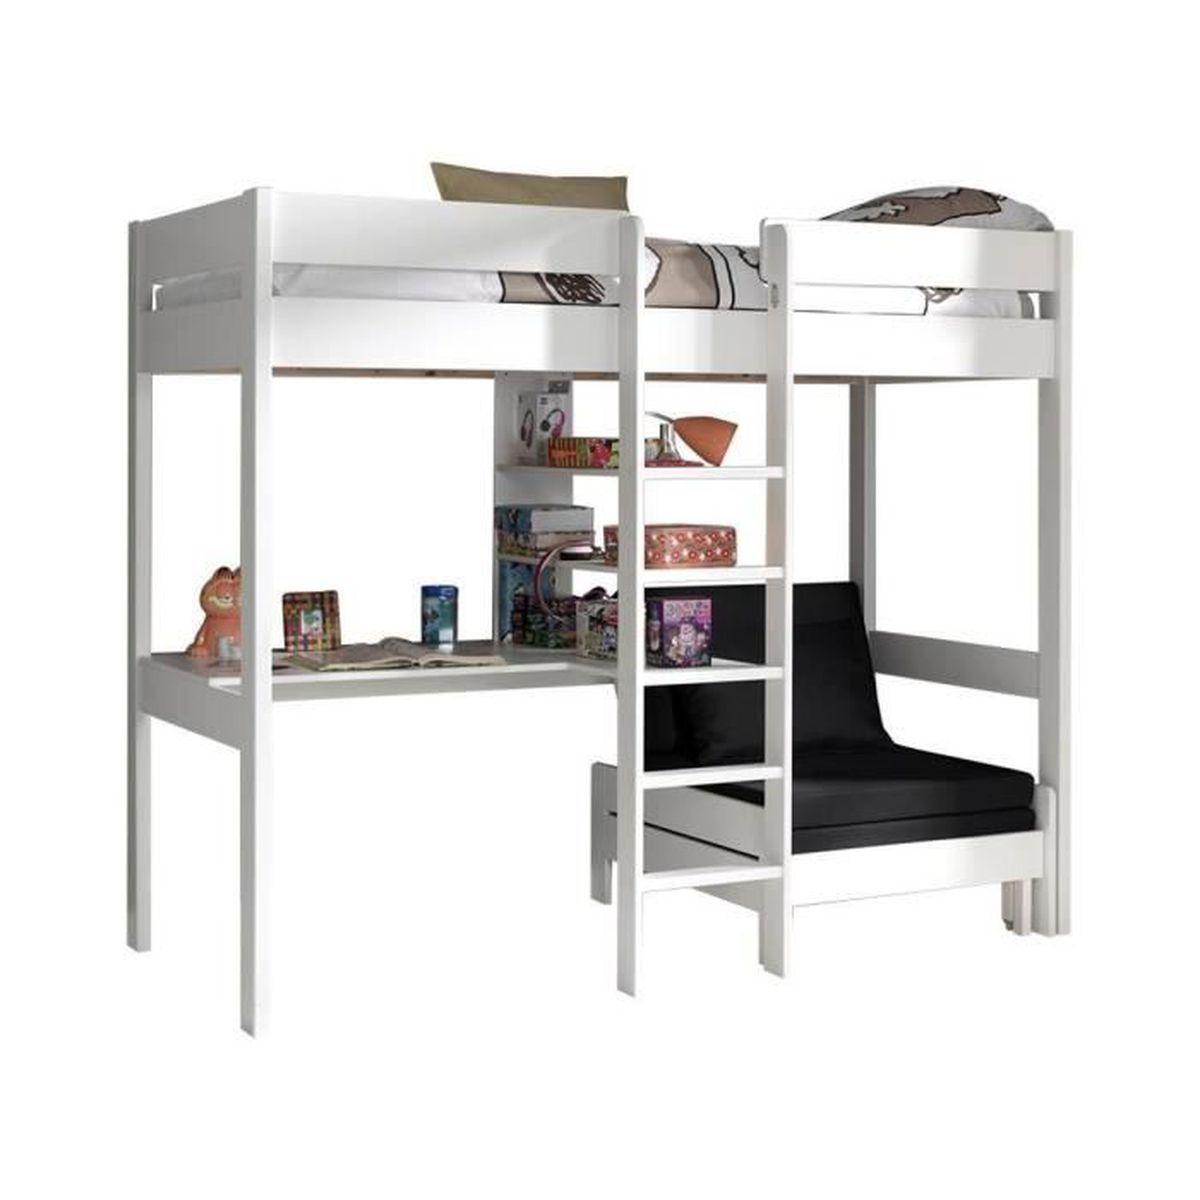 lit mezzanine combin 90x200 cm avec fauteuil extensible en pin massif coloris blanc blanc. Black Bedroom Furniture Sets. Home Design Ideas